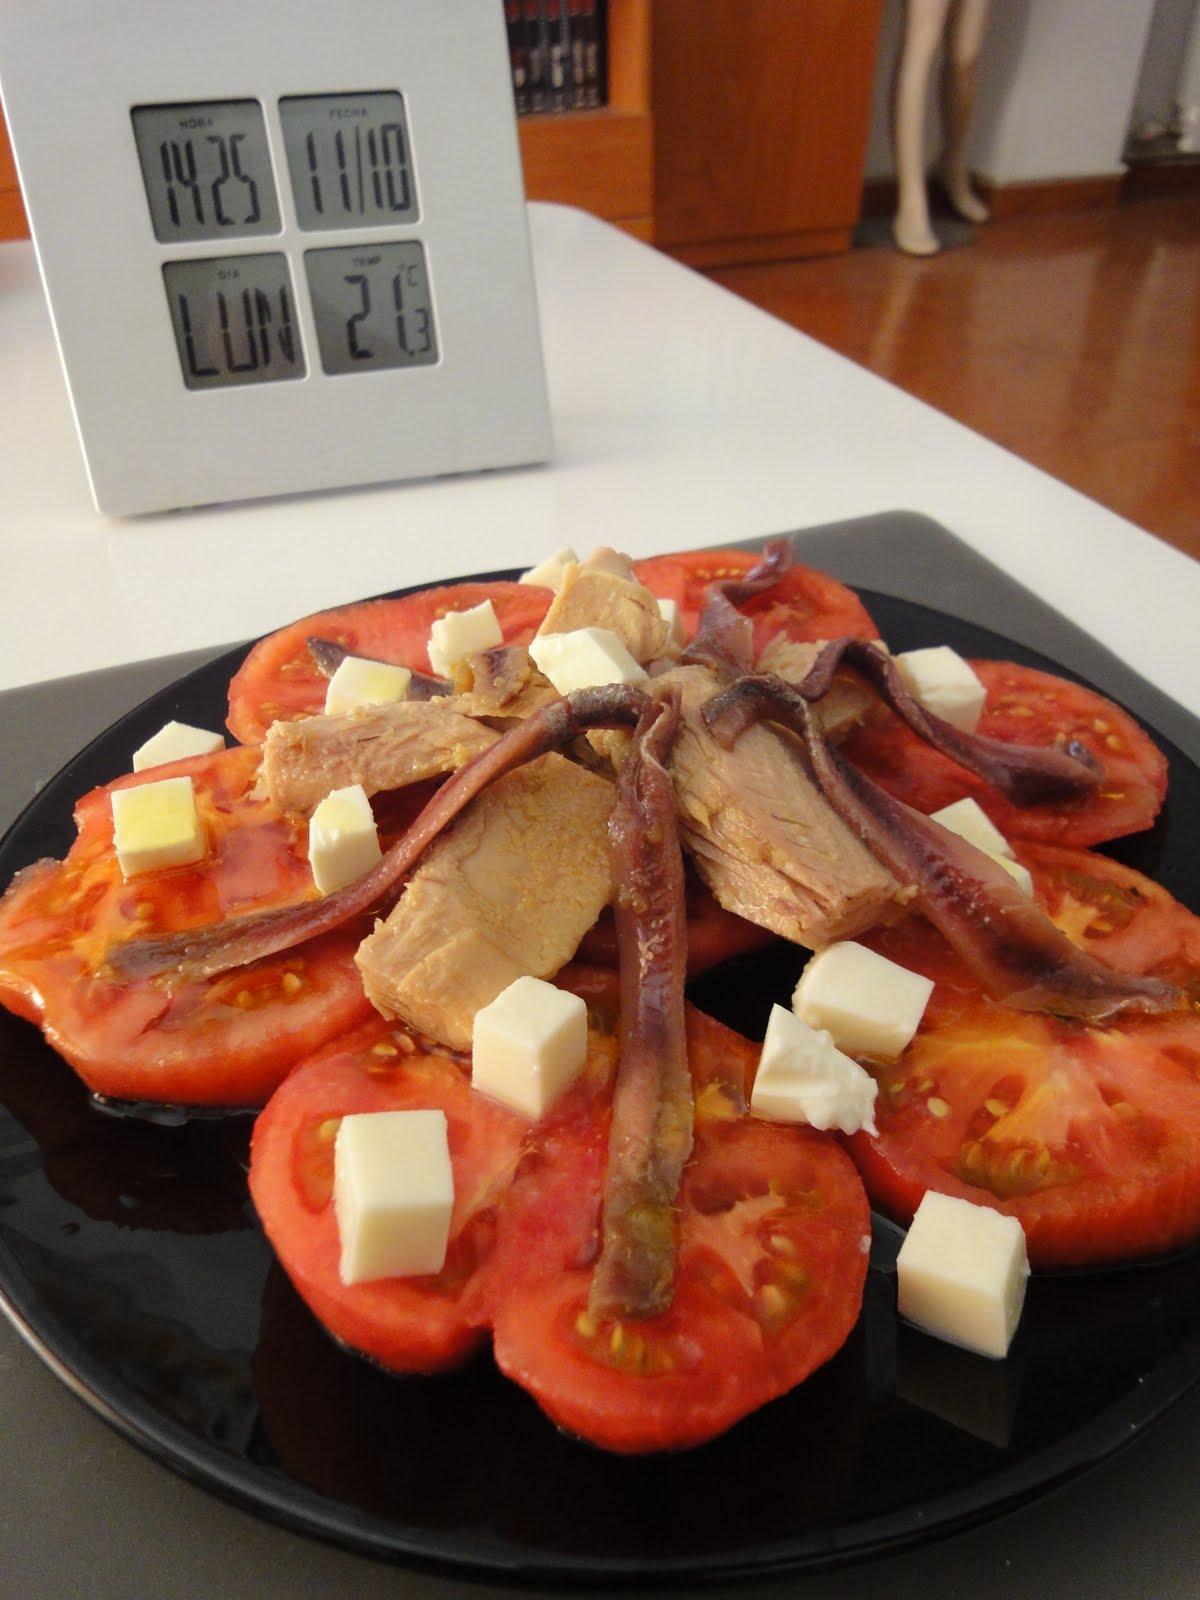 Clases de cocina zaragoza ensalada de tomate con tacos de at n y anchoas del cant brico - Cursos de cocina zaragoza ...